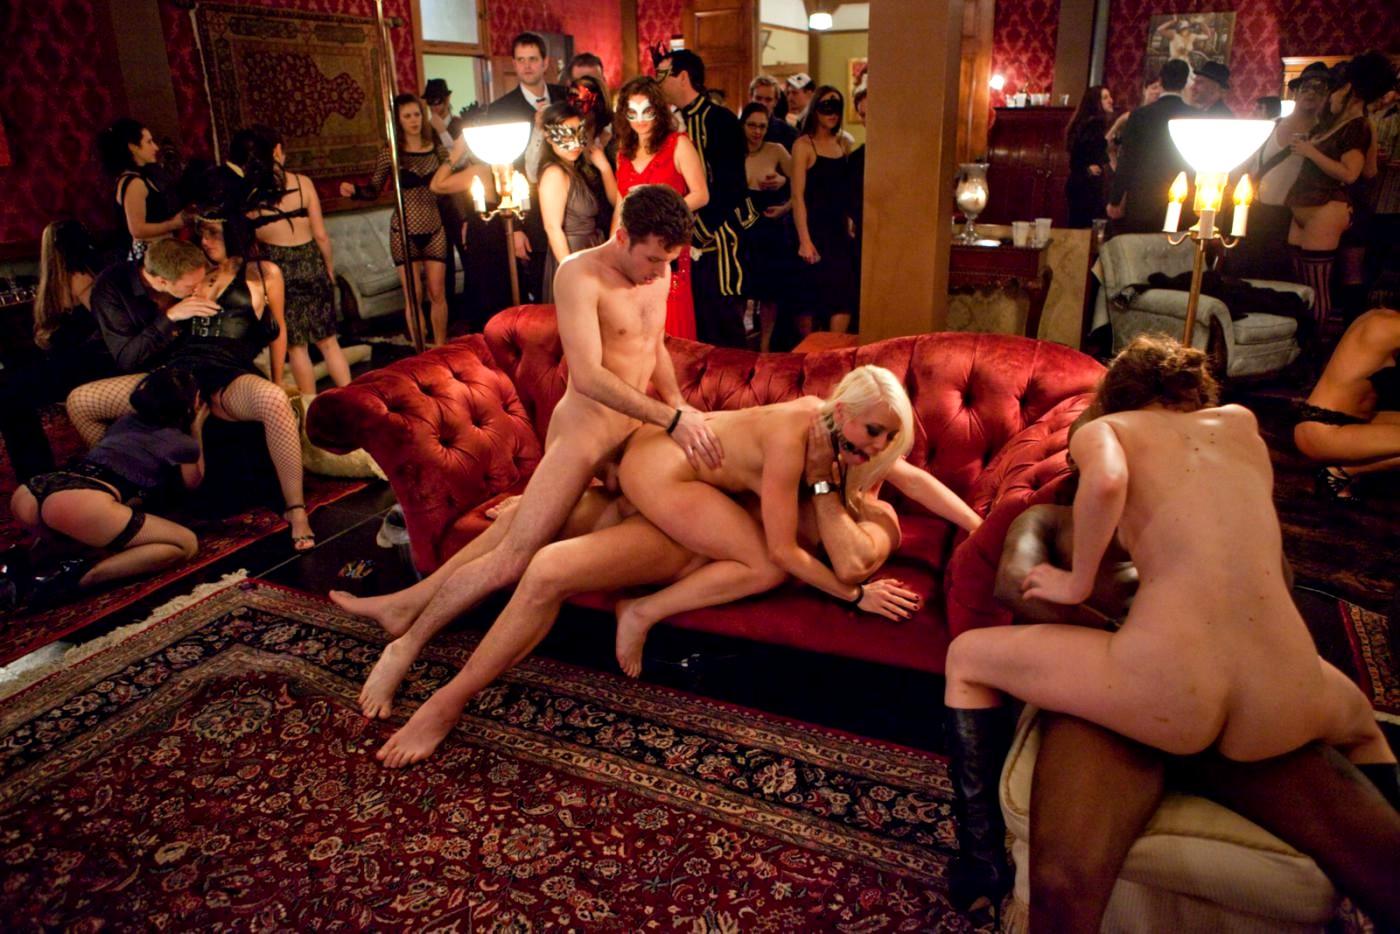 Смотреть порно 8 соток разврата 2, Порно видео 8 Соток Разврата 2 скачать и смотреть 1 фотография